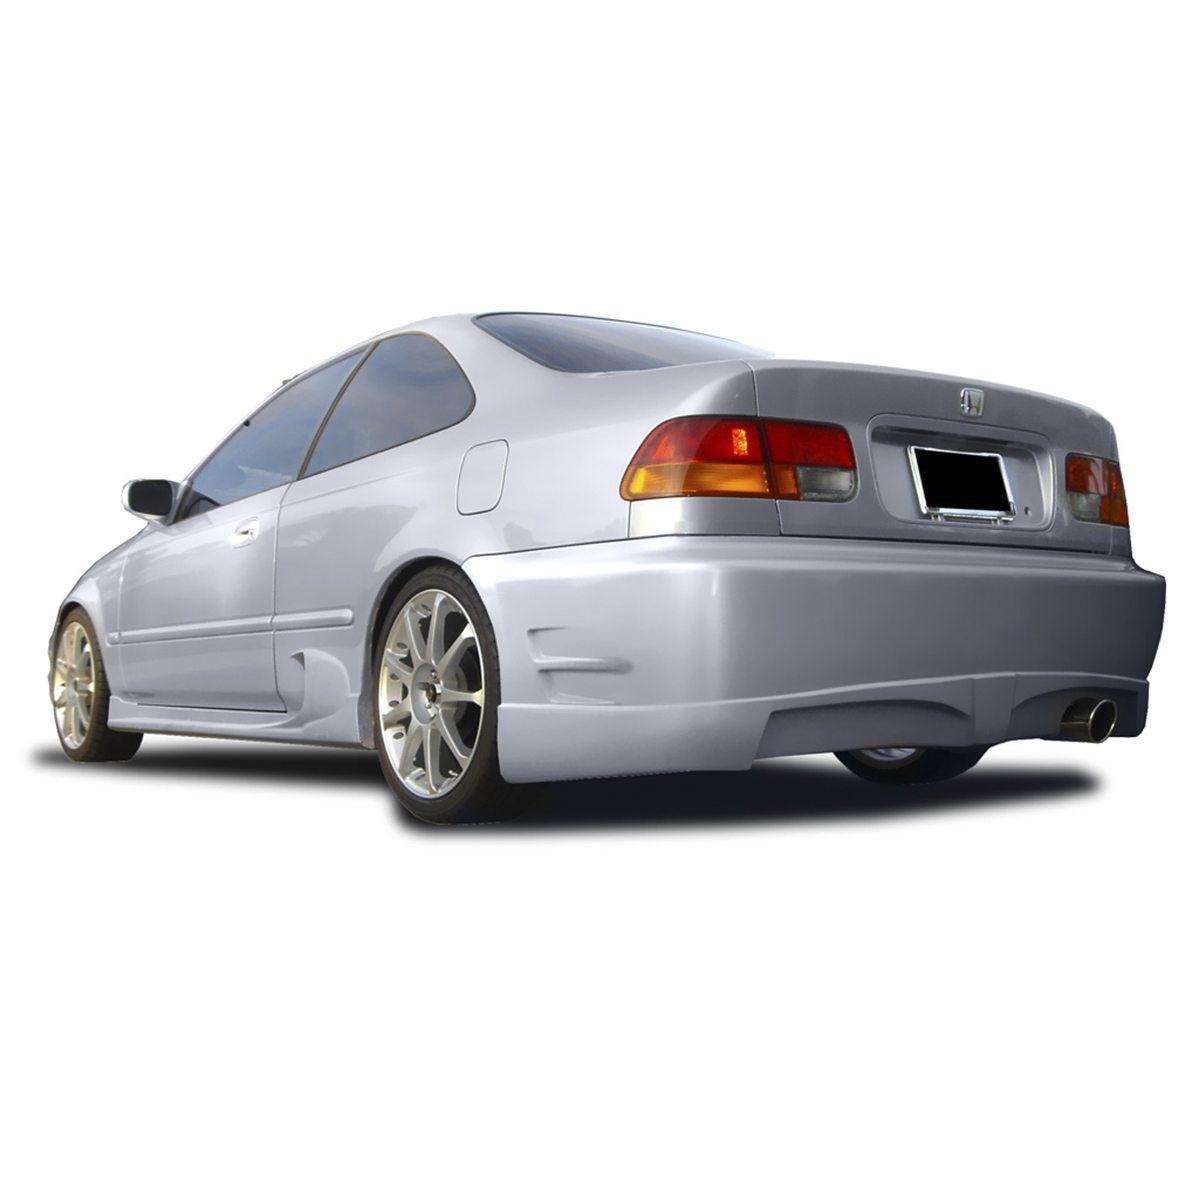 Honda-Civic-98-Coupe-Silver-Tras-PCU0084